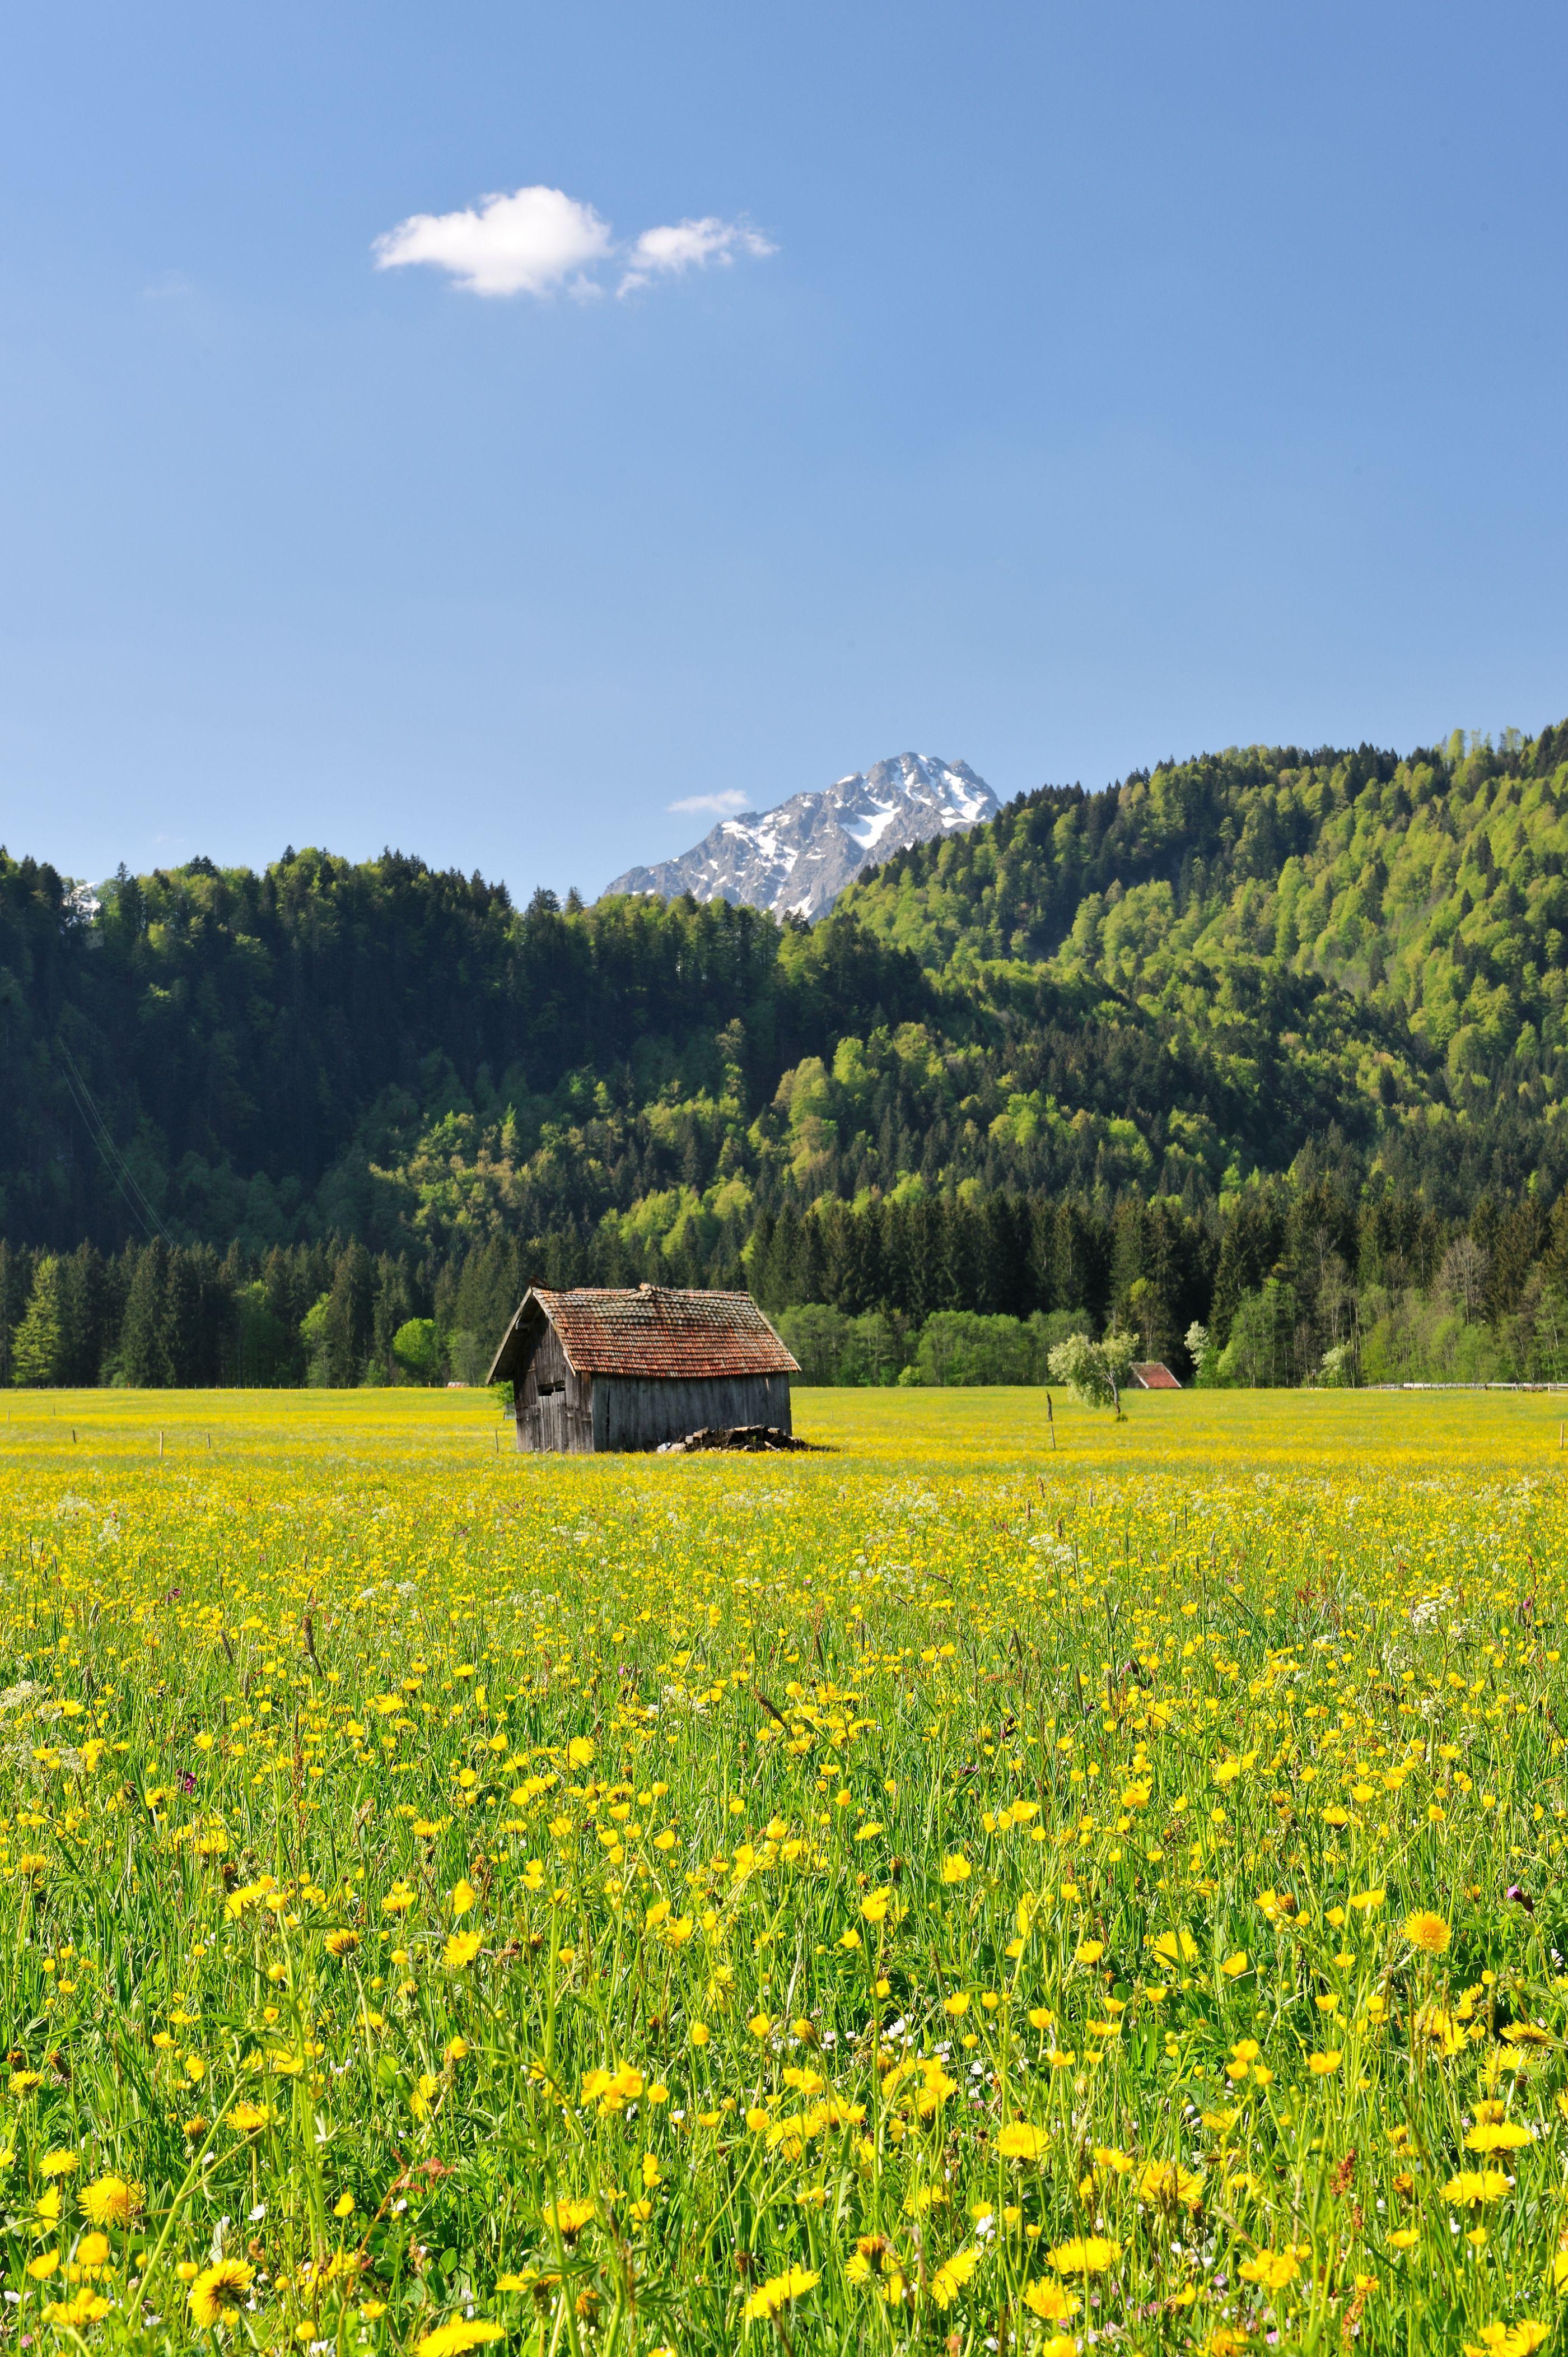 Fruhlingswiese Bei Oberstdorf Blumenwiese Urlaub Berge Deutsche Landschaft Landschaft